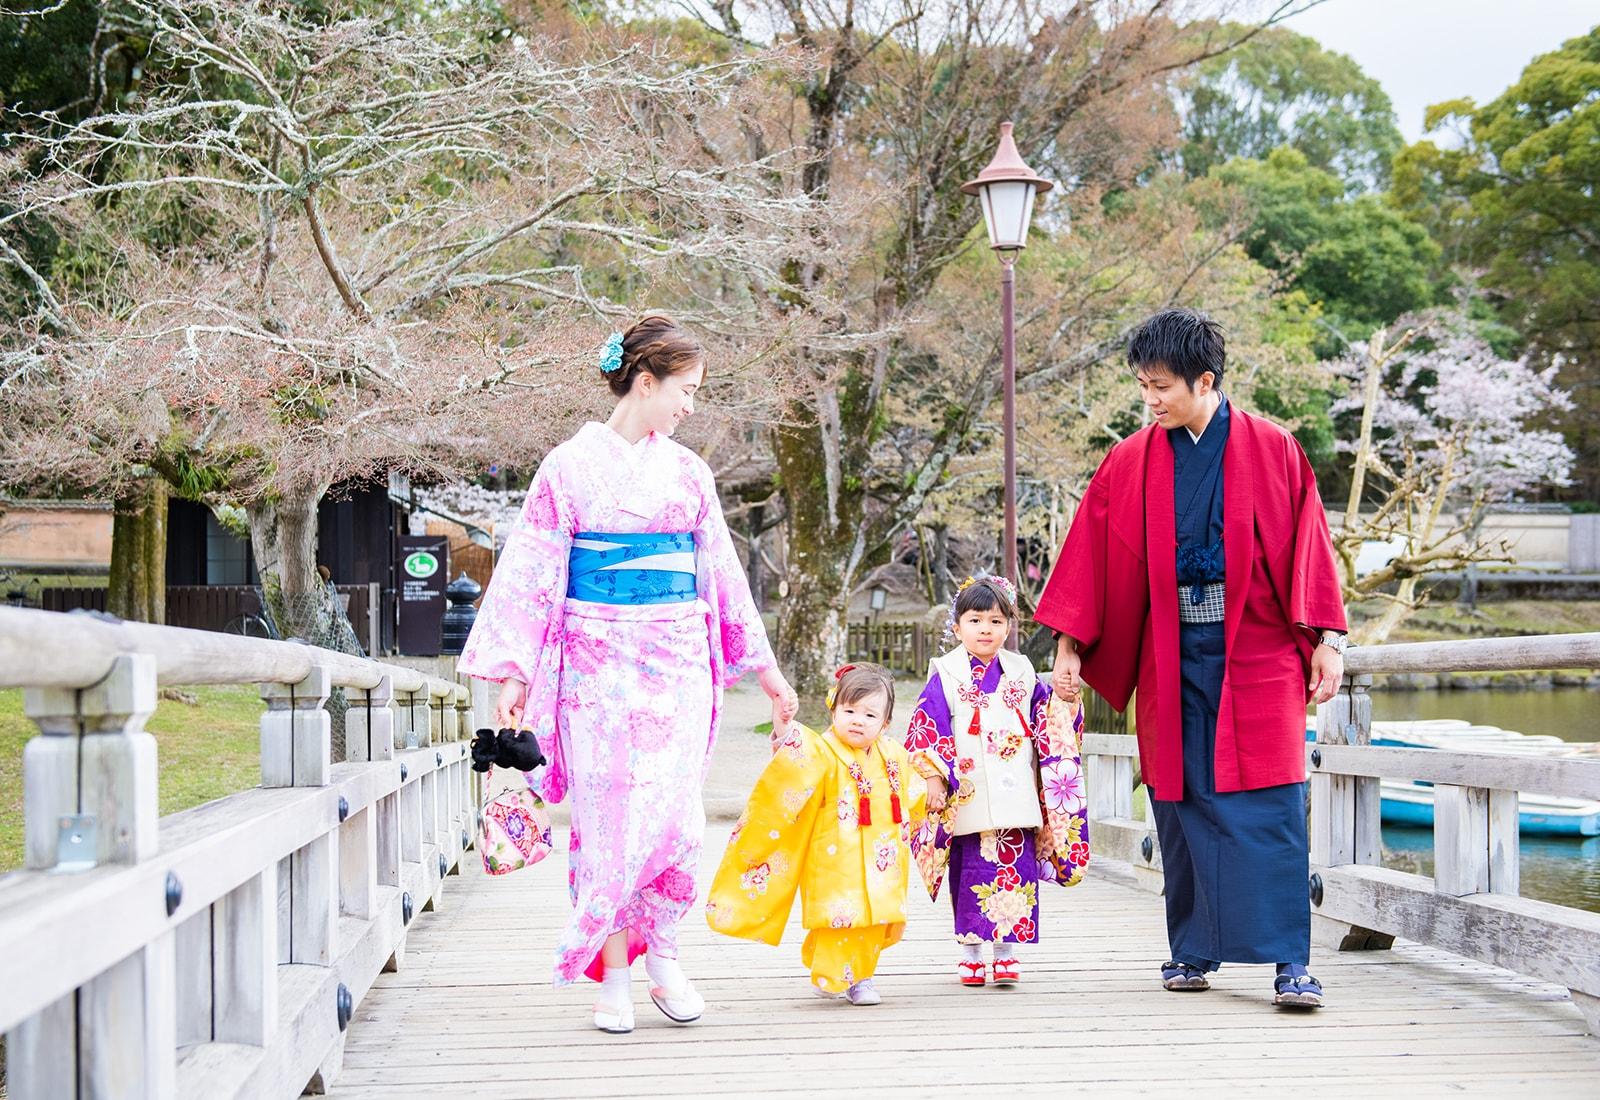 日本(奈良)旅行の思い出に<br /> 散策プランが人気